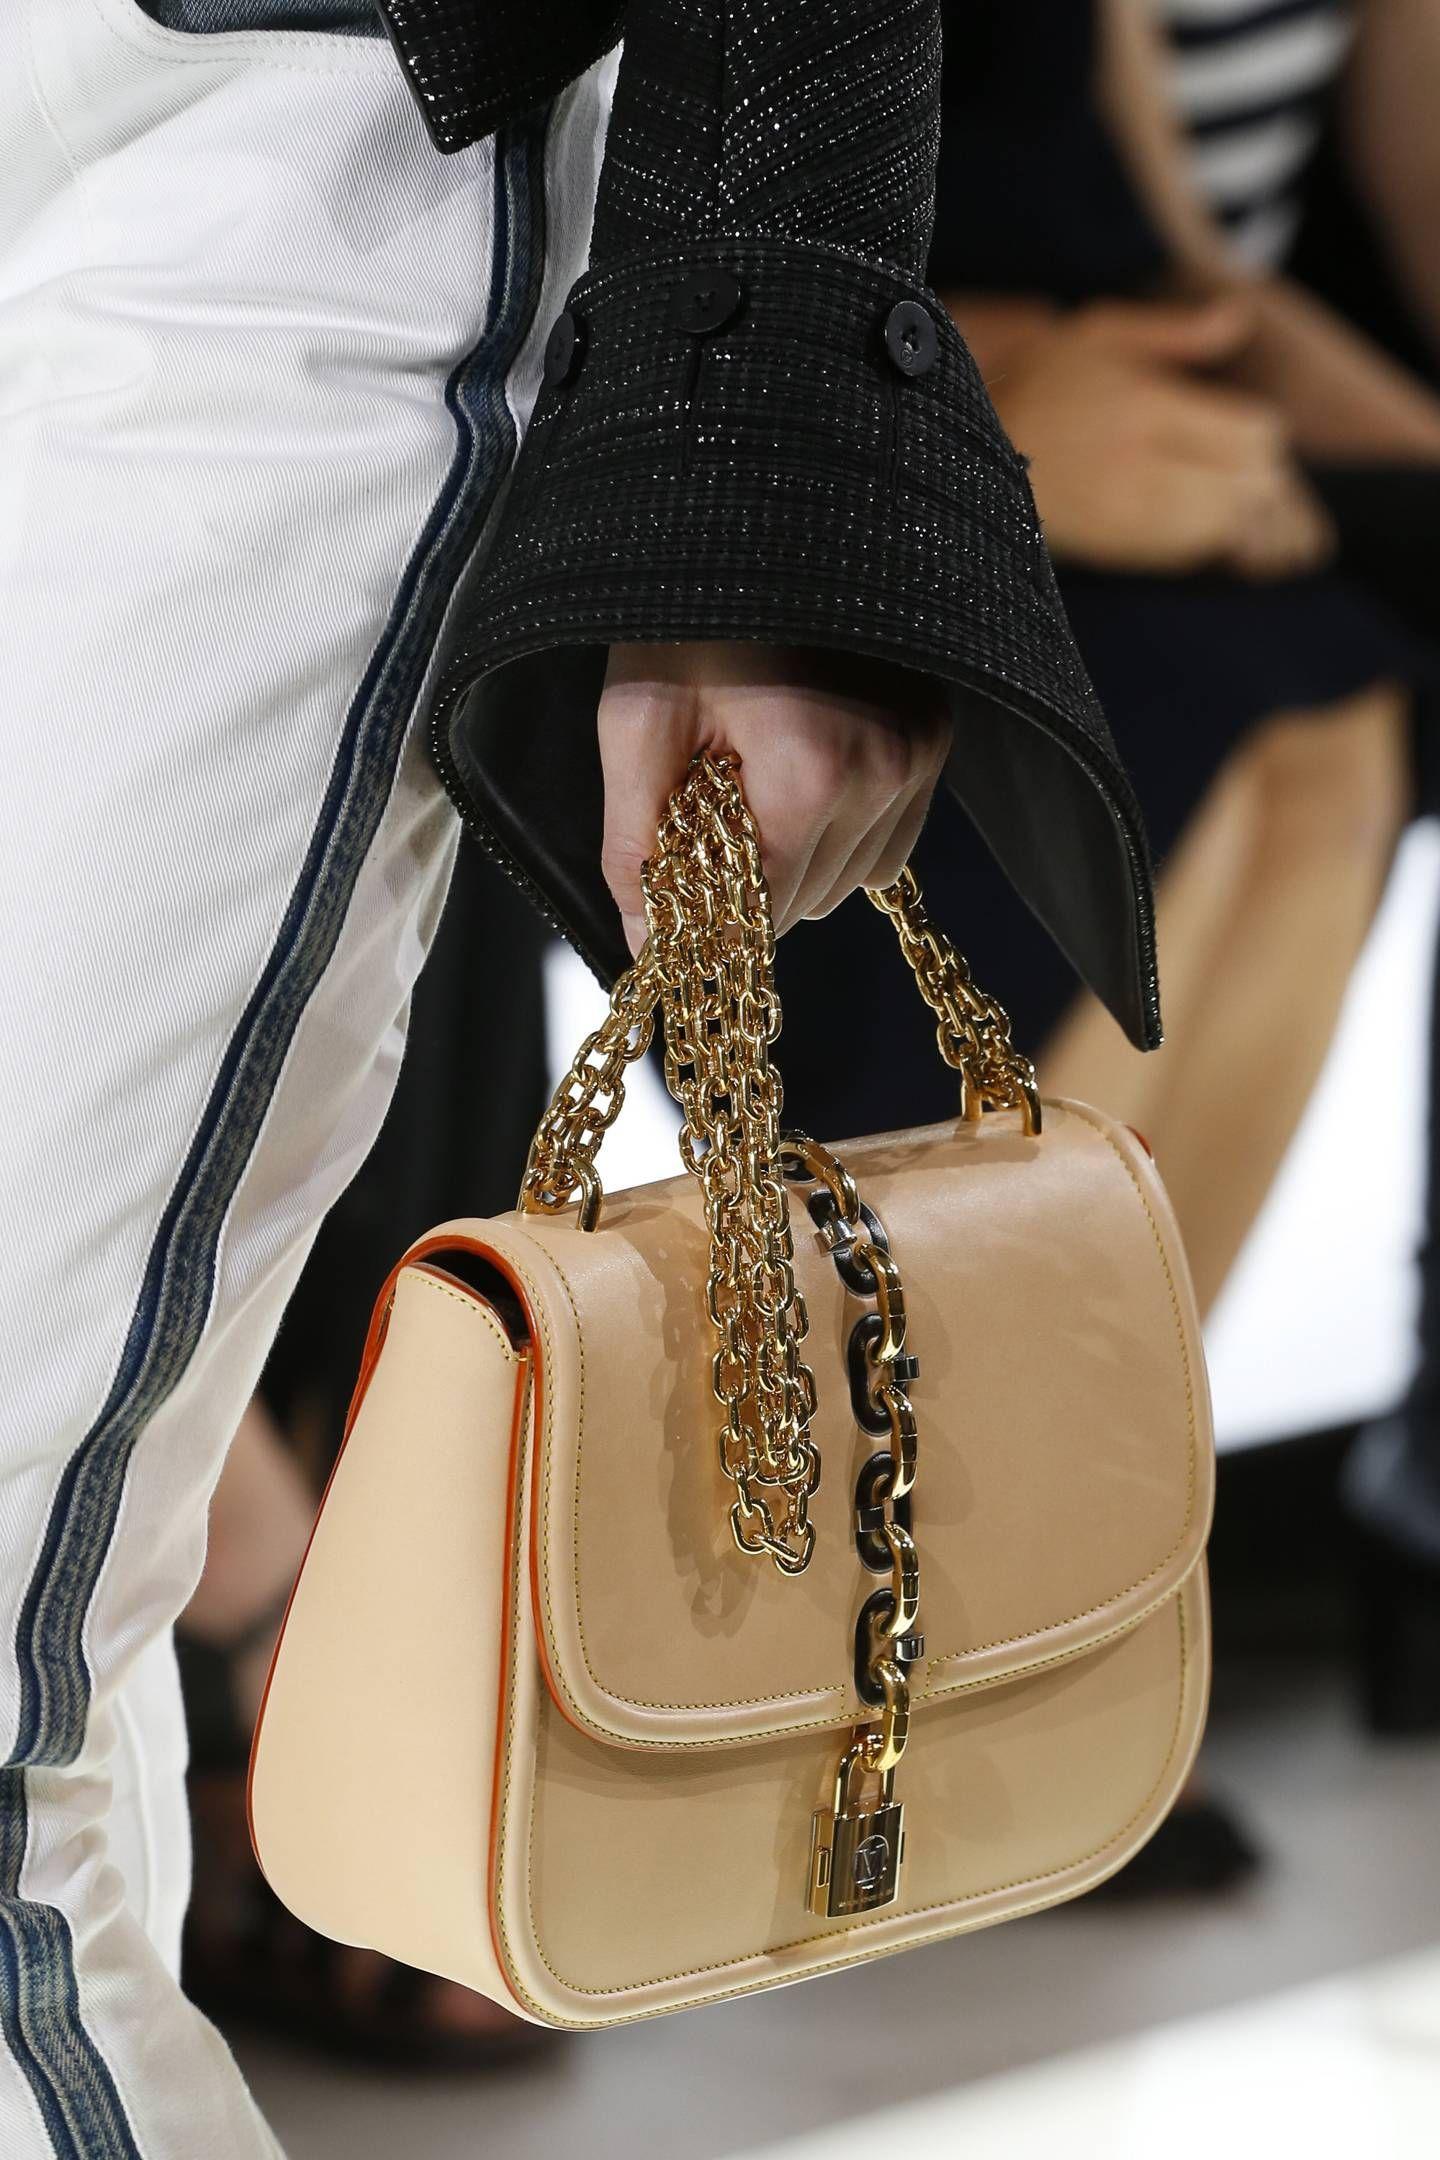 Louis Vuitton Vogue s Designer bag details for 2018 2019  luxurydotcom fe798f8f9b4f9